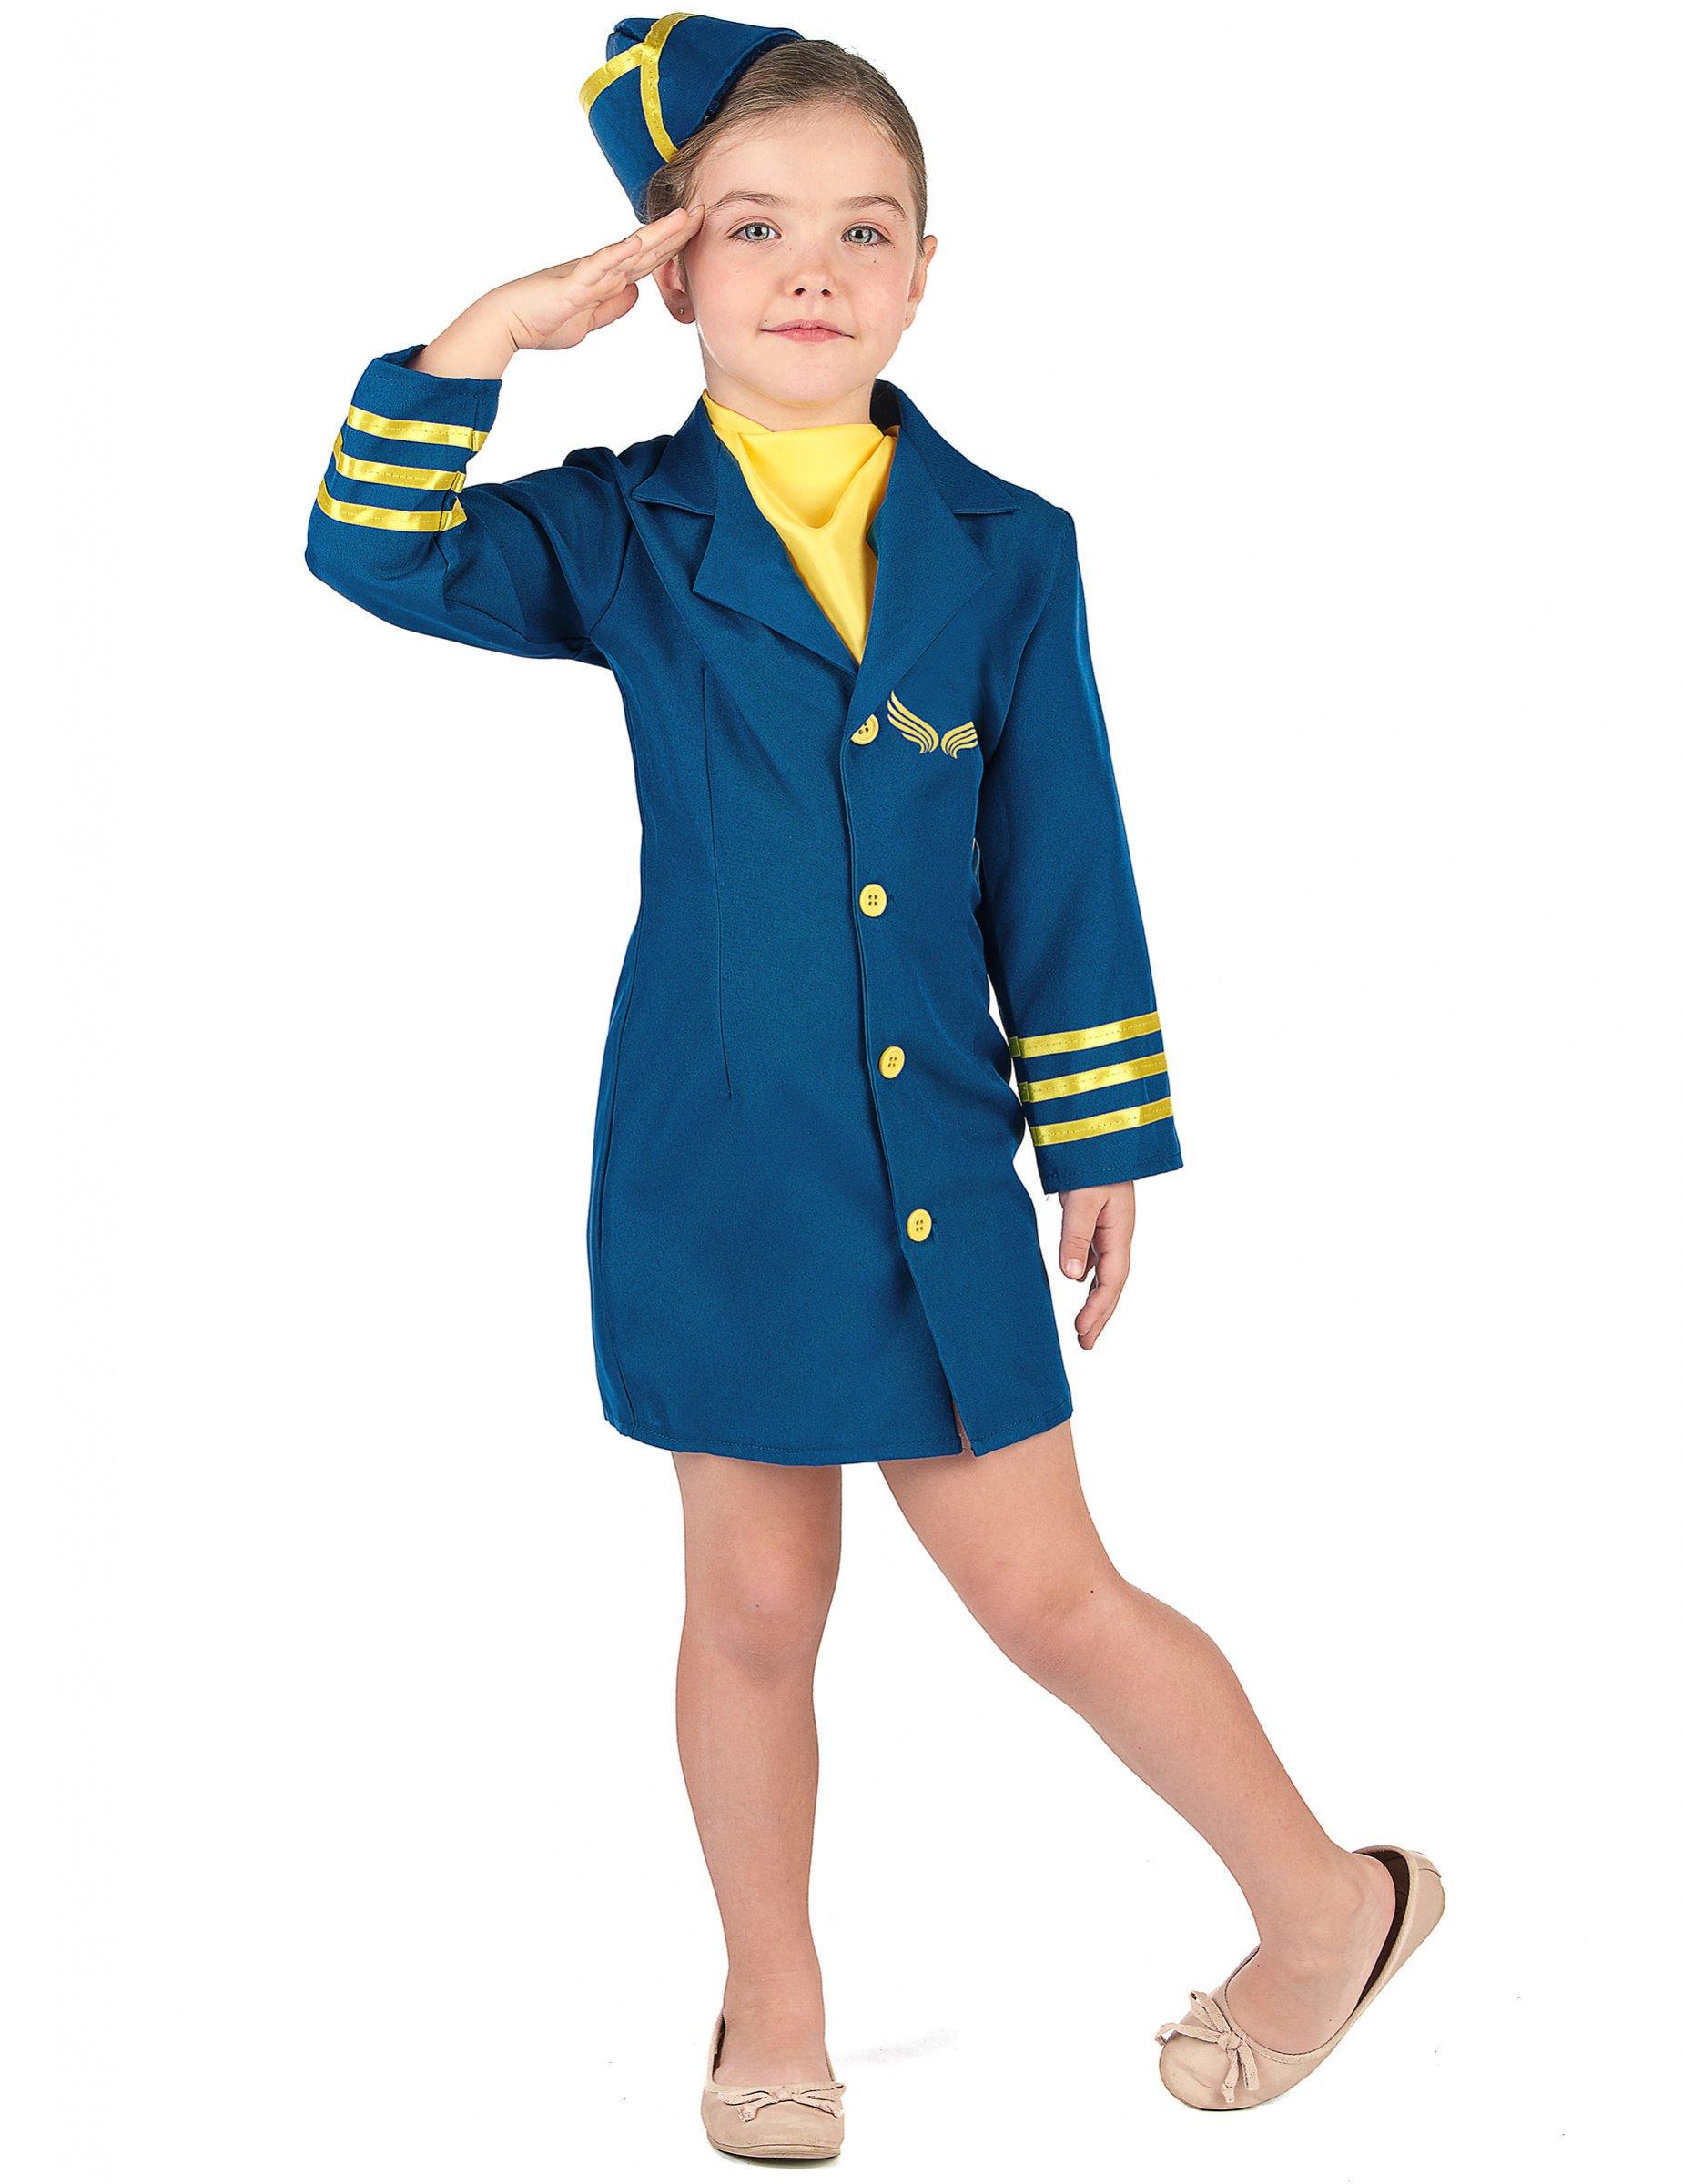 Deguisement Uniforme Hotesse De L Air Fille Decoration